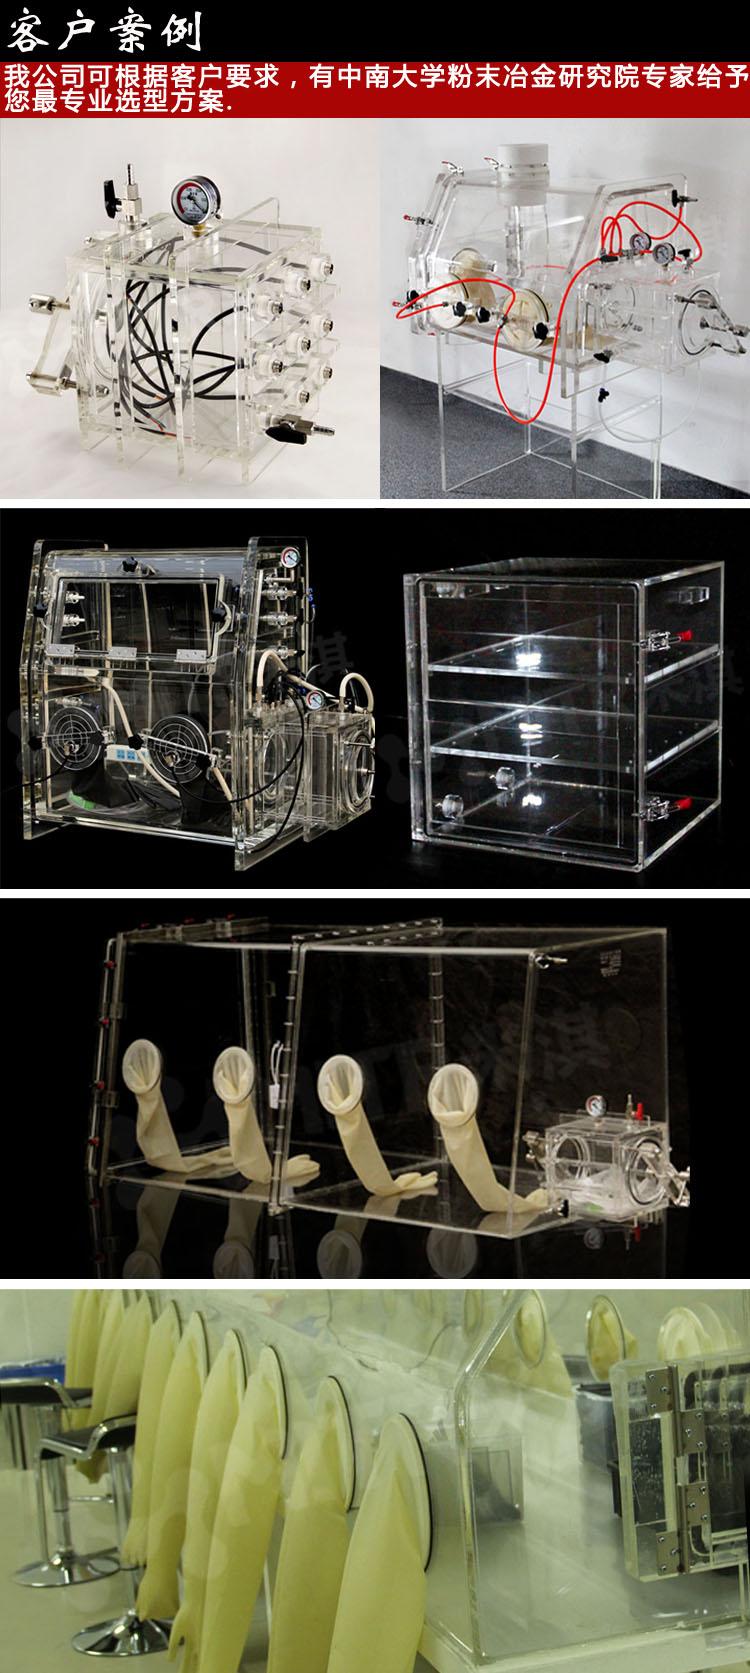 有机玻璃客户订做案例